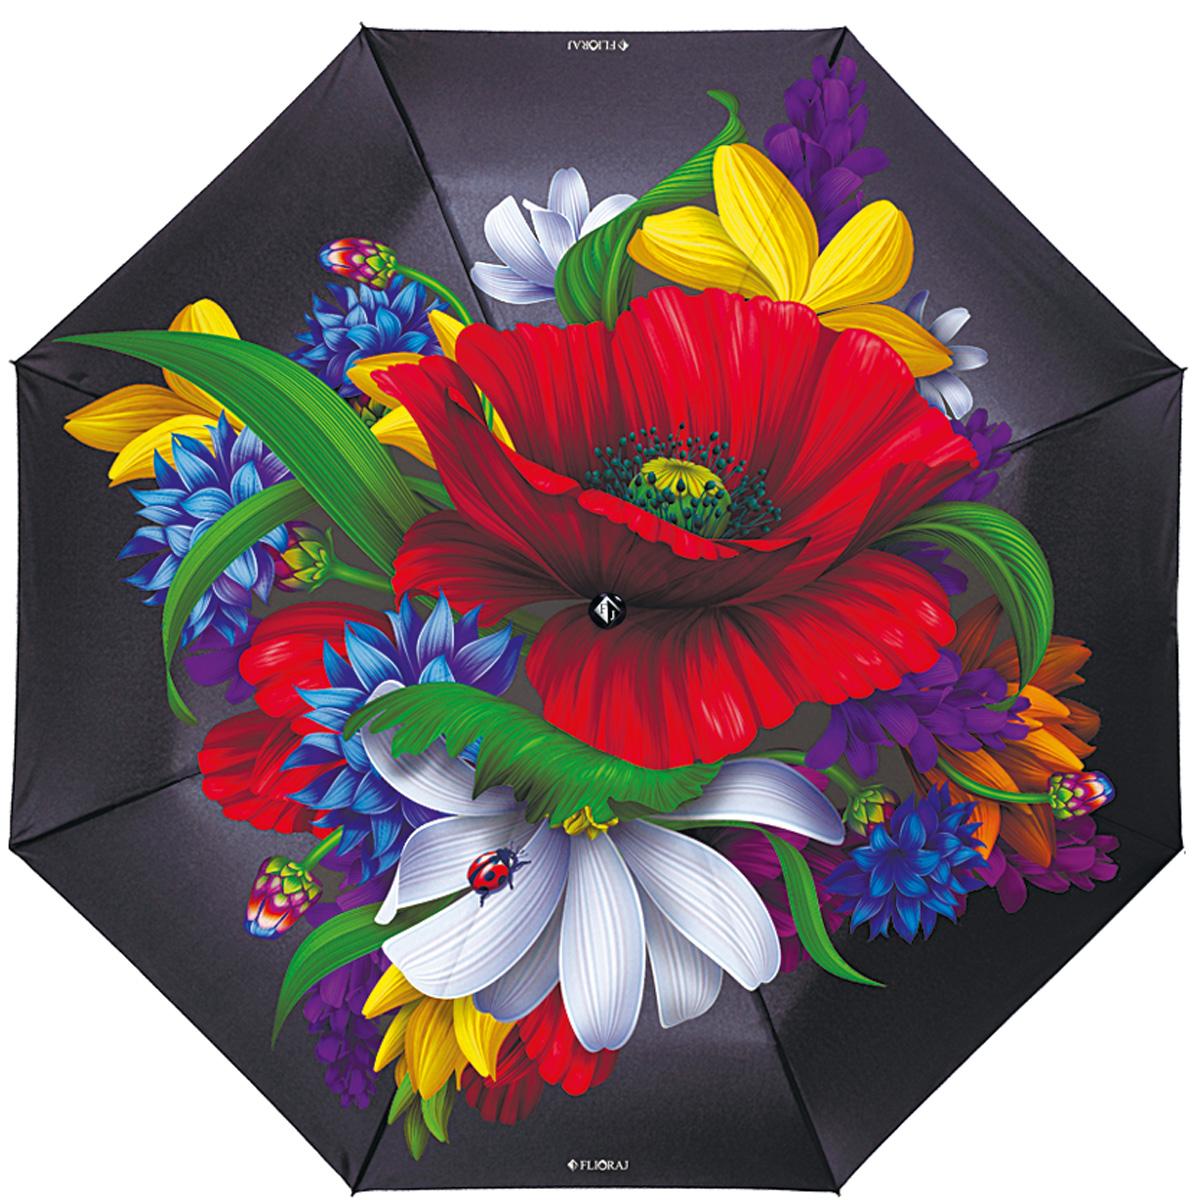 """Зонт женский Flioraj Русские мотивы, автомат, 3 сложения, черный231209 FJПрелестный автоматический зонт Flioraj Русские мотивы в 3 сложения отлично подойдет для ненастной погоды. """"Ветростойкий"""" каркас зонта, изготовленный из анодированной стали, состоит из восьми спиц и прочного стержня. Купол зонта с тефлоновой пропиткой выполнен из полиэстера и оформлен крупными цветами. Модель оснащена рукояткой из пластика. Зонт имеет полный автоматический механизм сложения: купол открывается и закрывается нажатием кнопки на рукоятке, стержень складывается вручную до характерного щелчка. Благодаря этому открыть и закрыть зонт можно одной рукой, что чрезвычайно удобно при входе в транспорт или помещение. Небольшой шнурок, расположенный на рукоятке, позволяет надеть изделие на руку при необходимости. Модель закрывается при помощи хлястика на кнопке. Такой зонт не только надежно защитит вас от дождя, но и станет стильным аксессуаром, который идеально подчеркнет ваш неповторимый образ."""